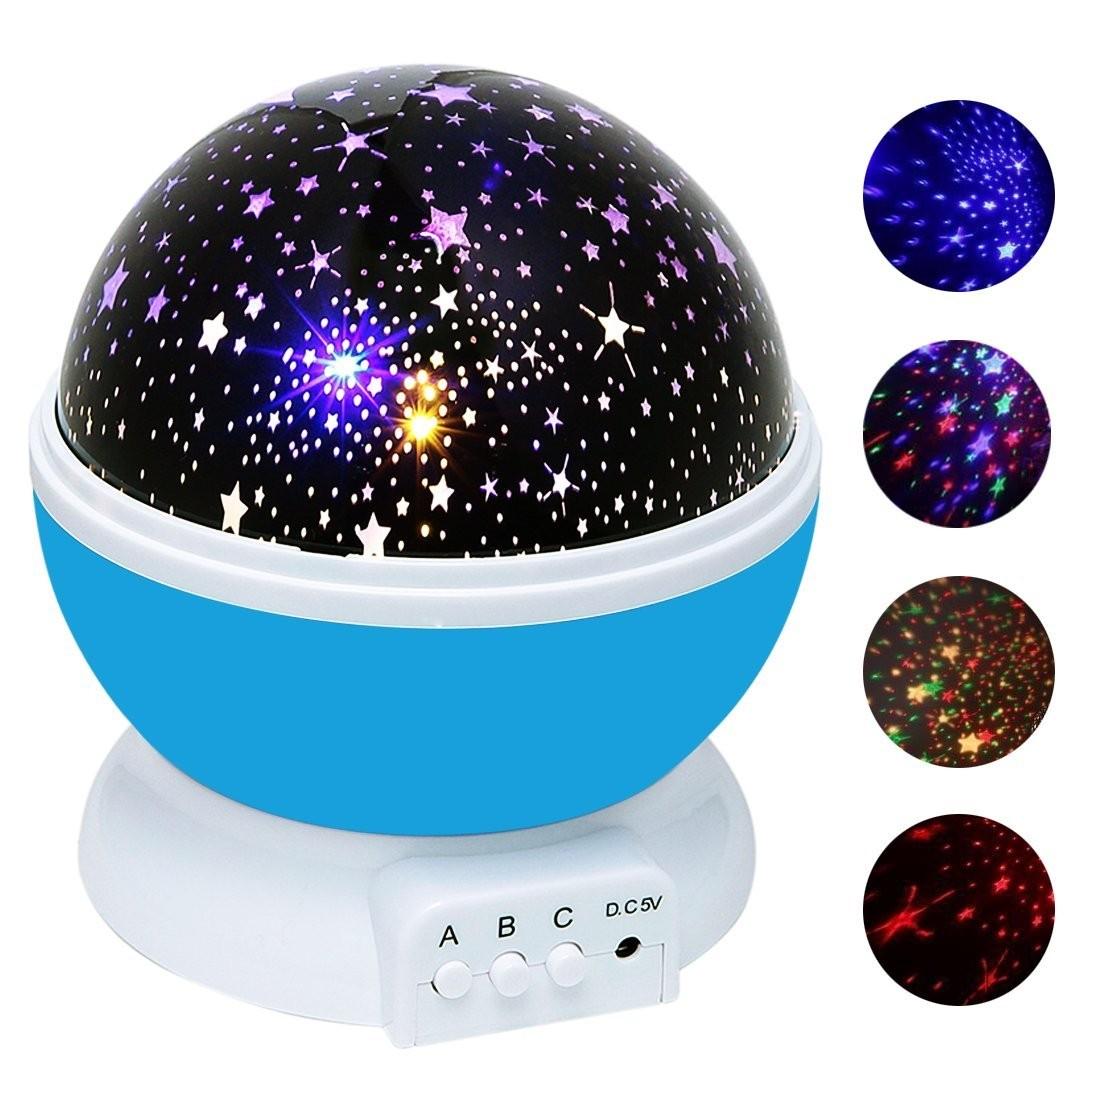 sternenhimmel stern projektor nacht lampe licht projektion 360 grad. Black Bedroom Furniture Sets. Home Design Ideas